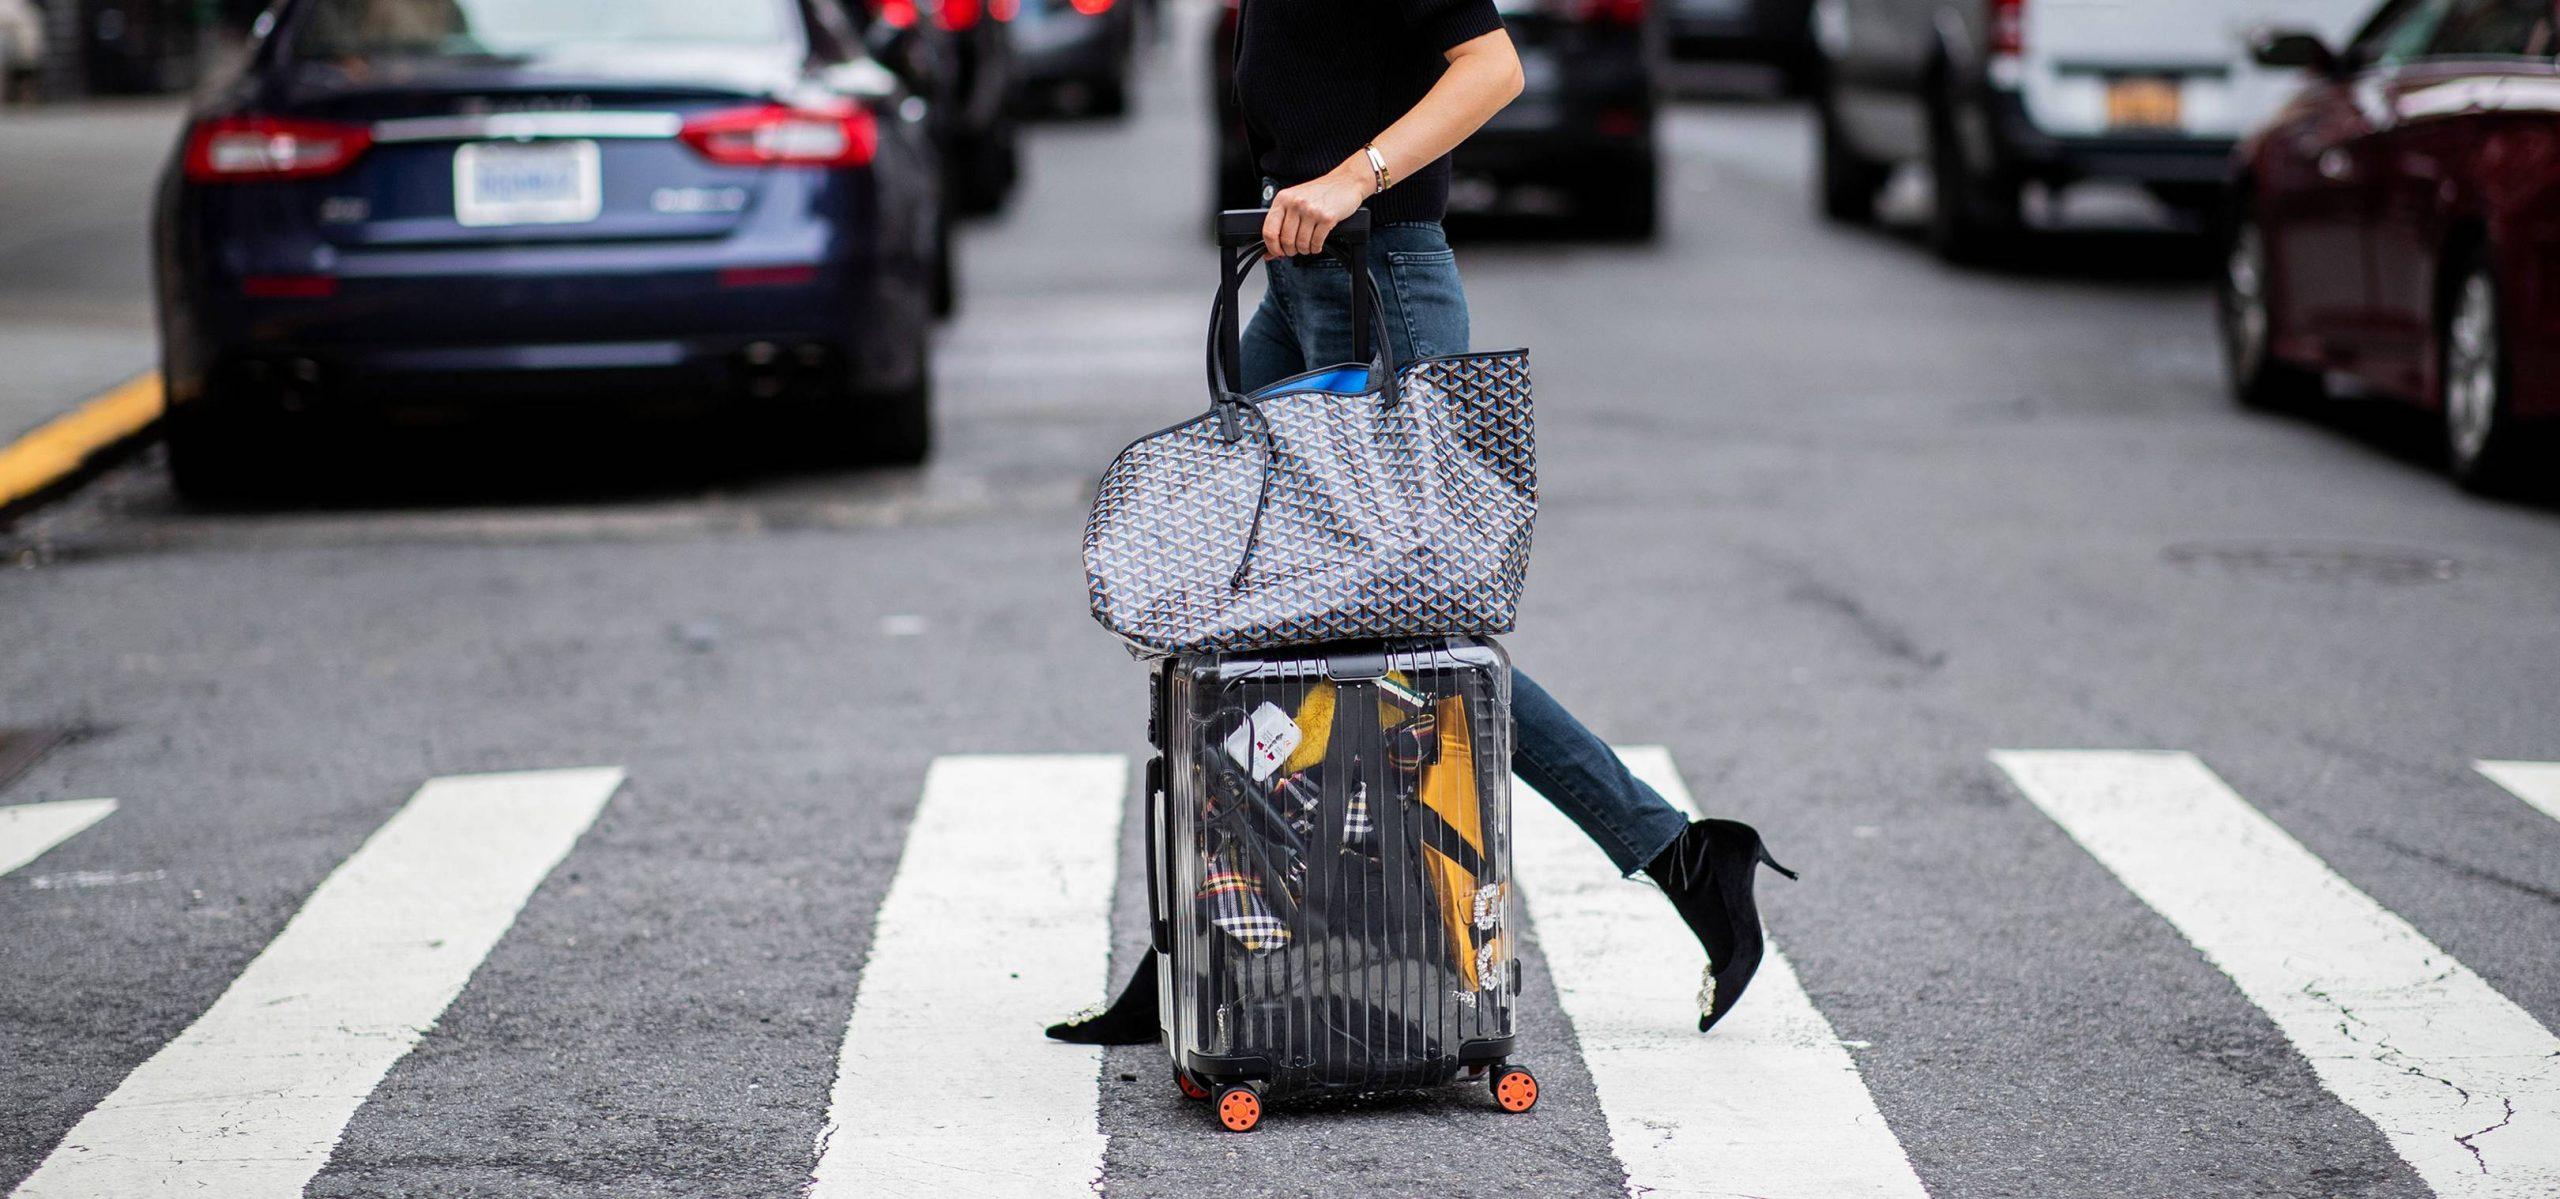 Les meilleures marques de bagages pour des valises aussi stylées que leur contenu, selon les initiés de la mode